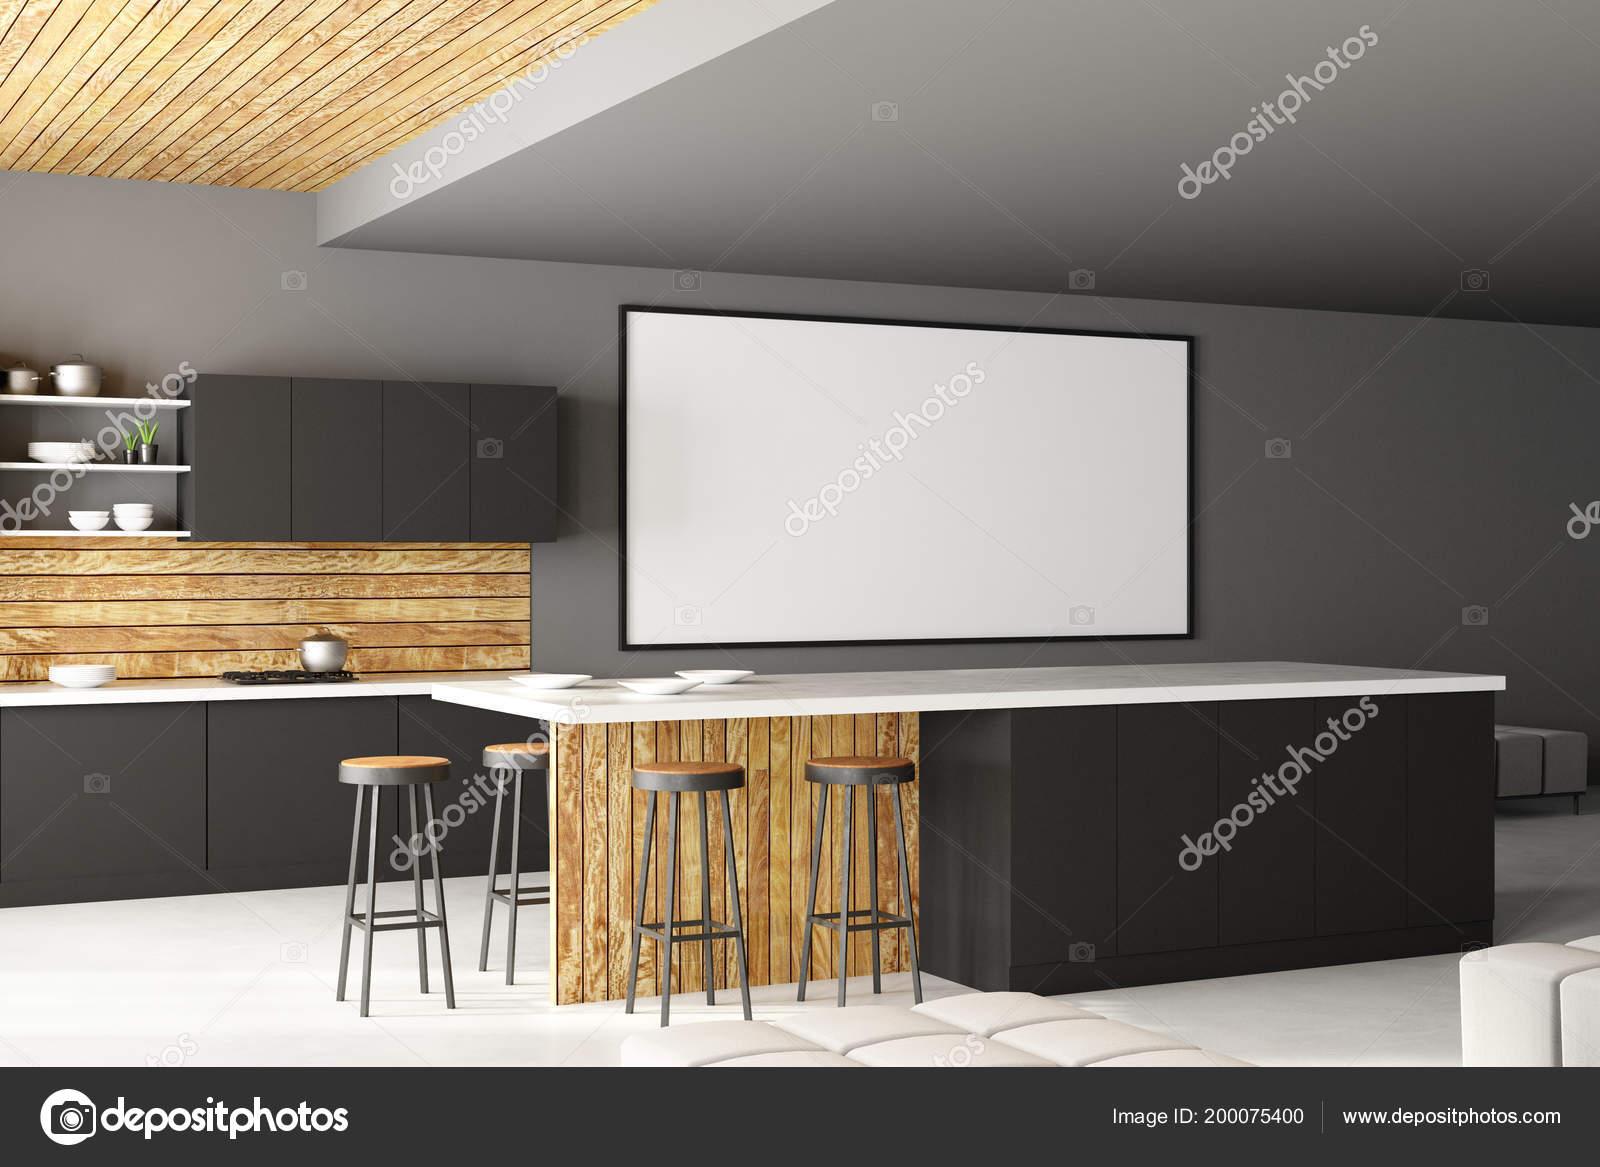 Modernes loft küche interieur mit möbeln und leere poster wand